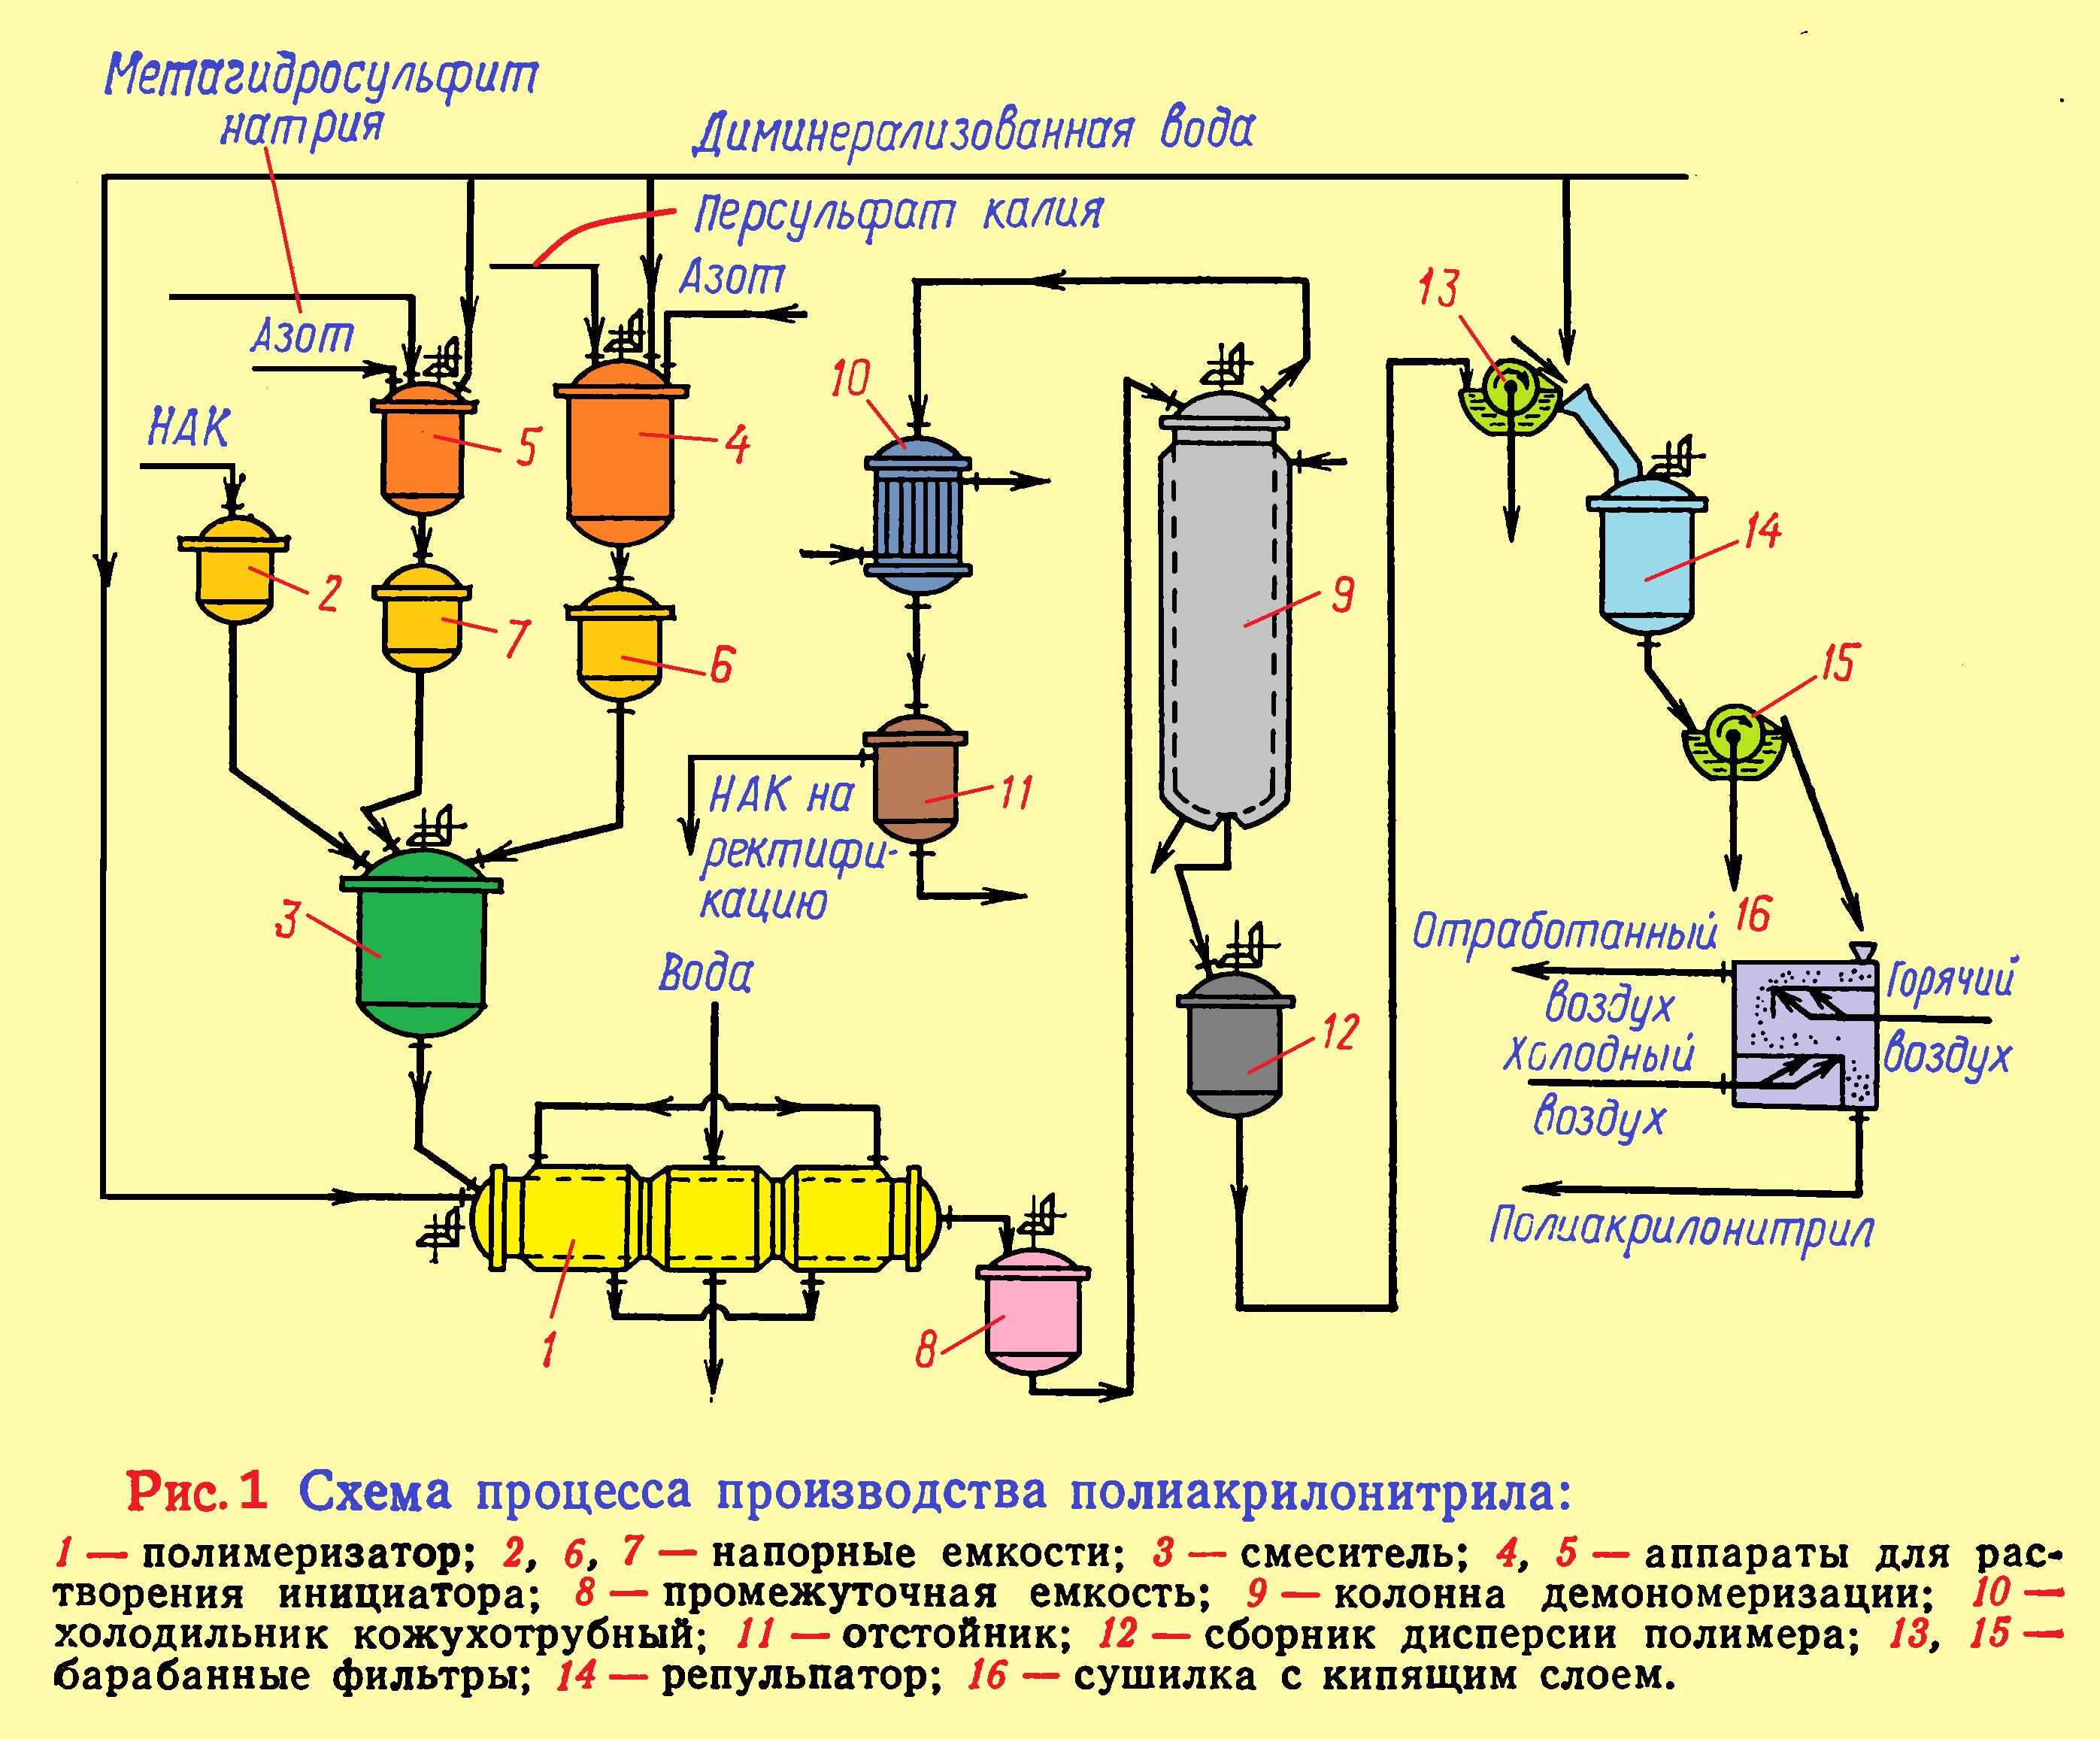 производство эмульсионного полиакрилонитрила